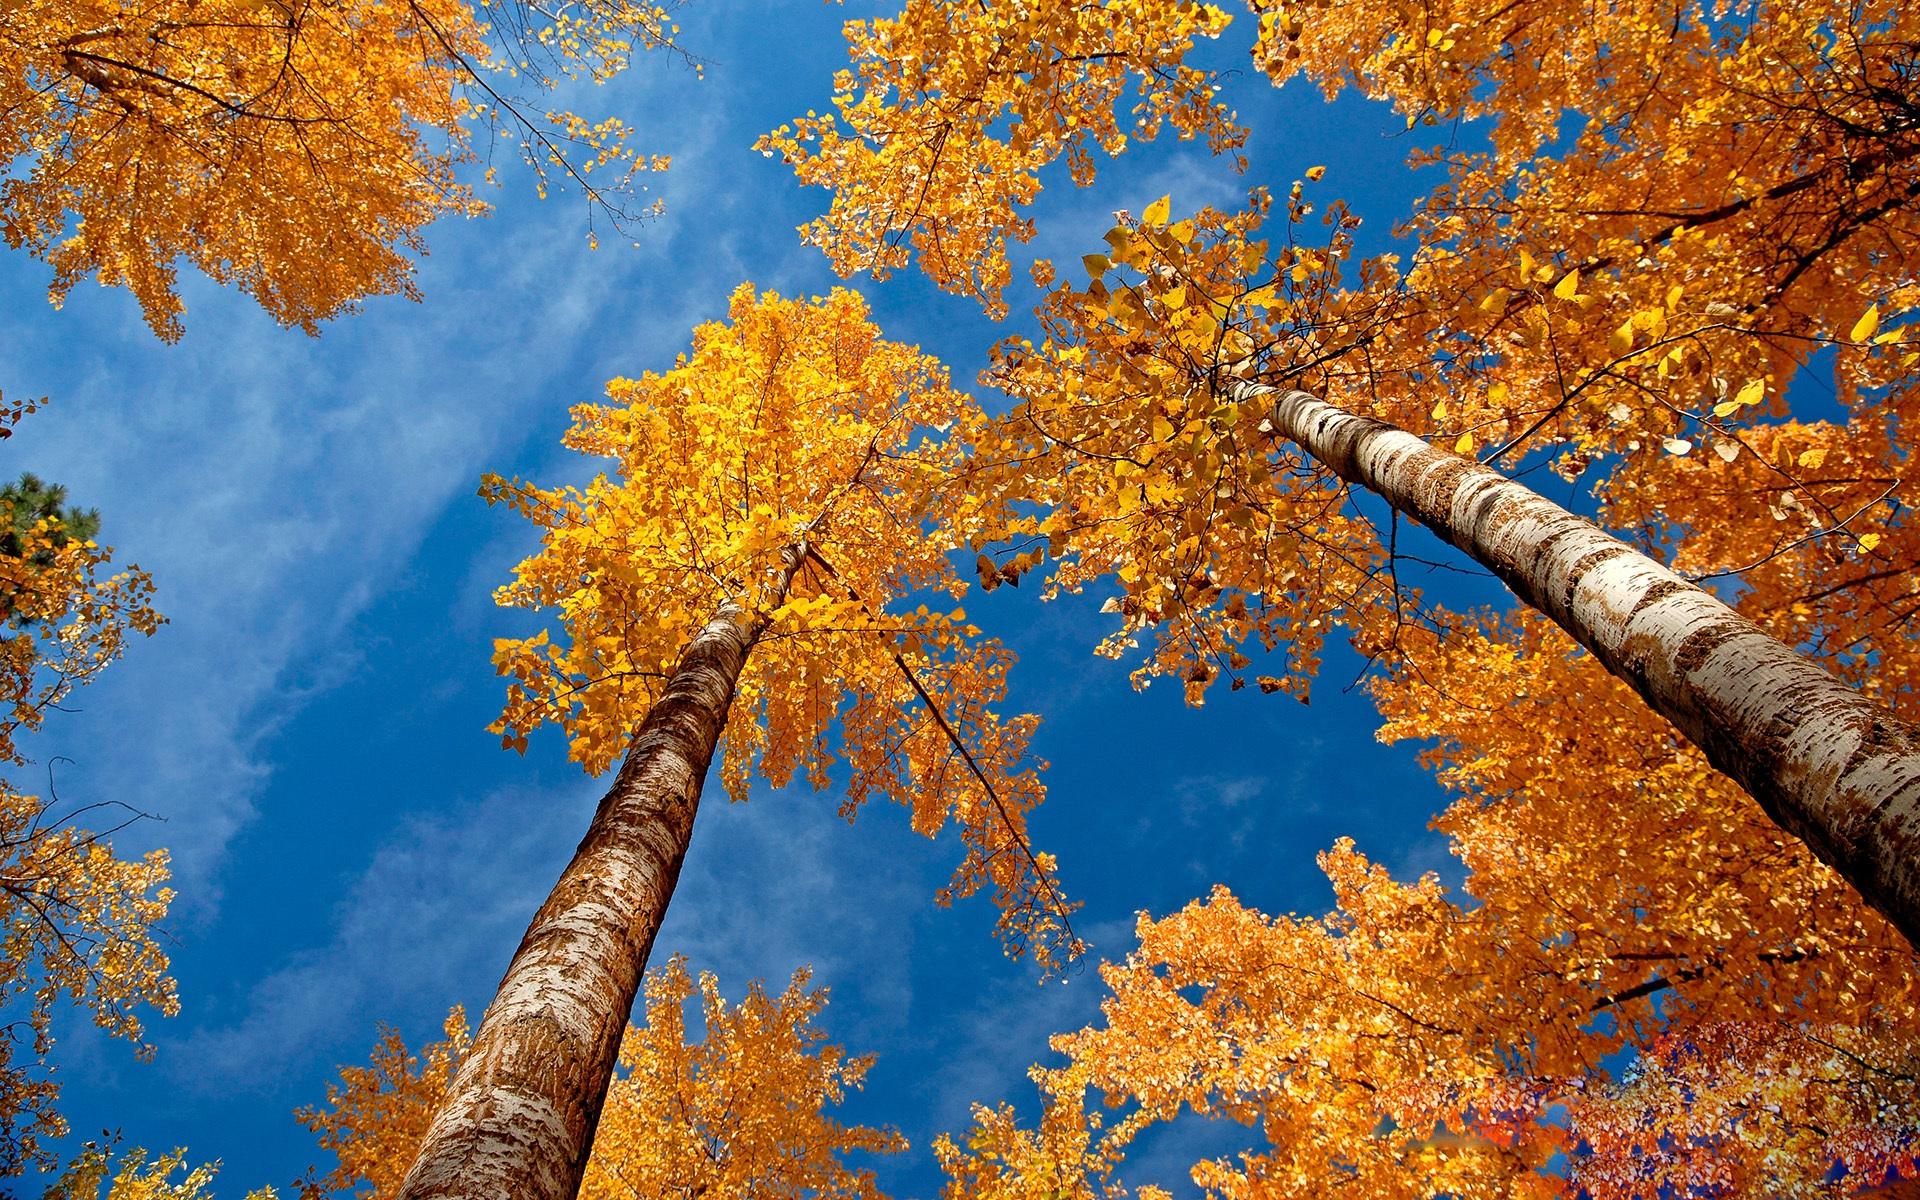 Осень листья желтые картинки